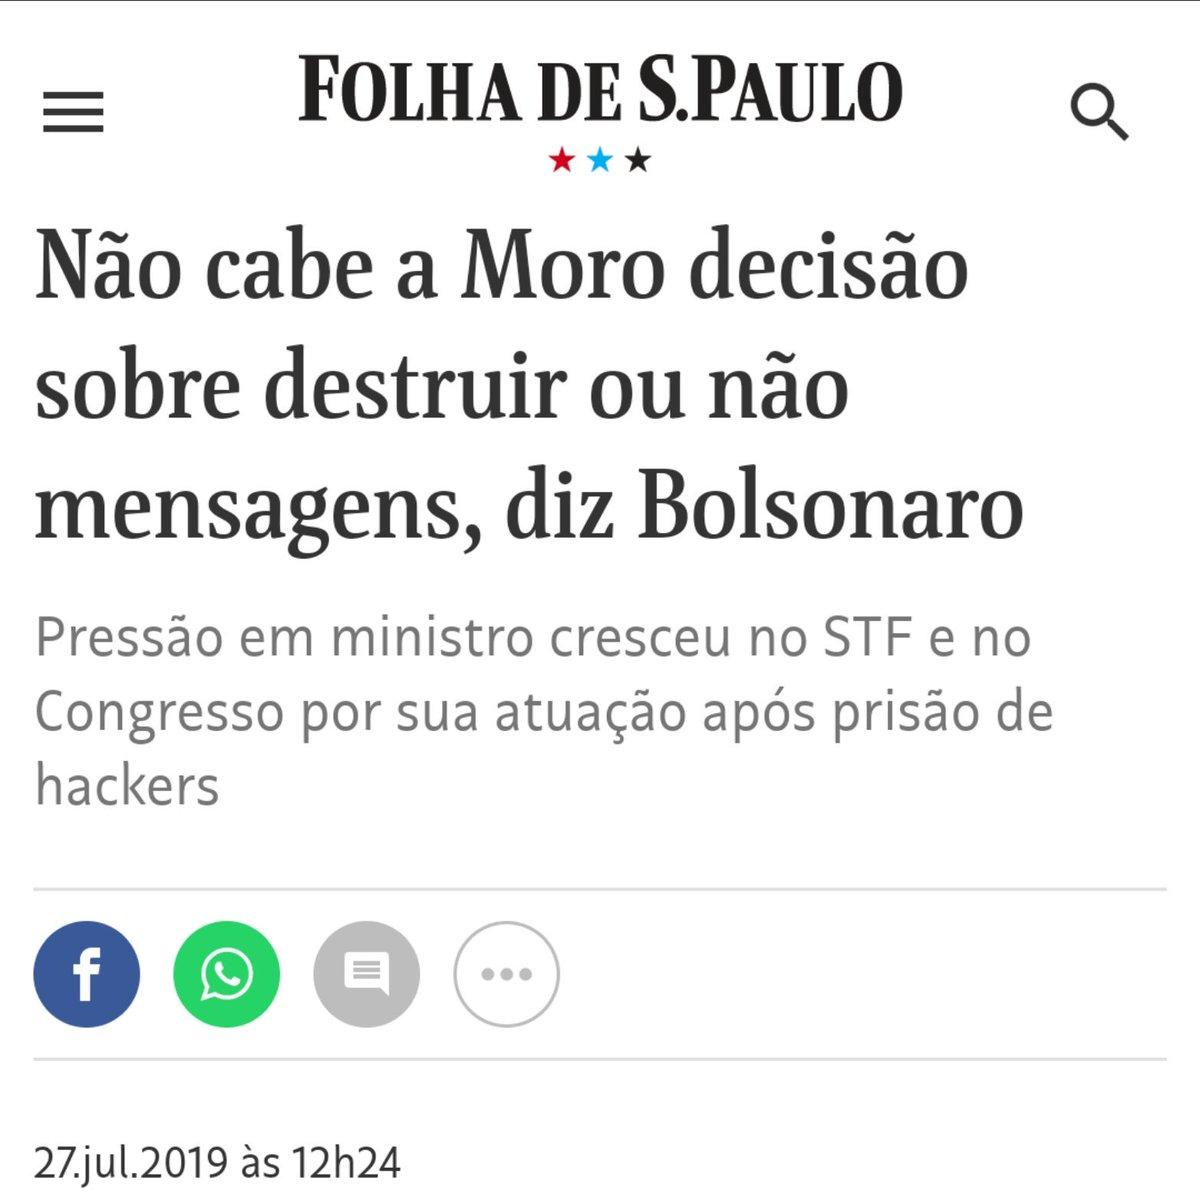 Se Sérgio Moro tivesse um pingo de dignidade, pediria demissão imediatamente.  Mas ele não tem dignidade. O que ele tem é MEDO. https://t.co/SOjH5I2HjQ